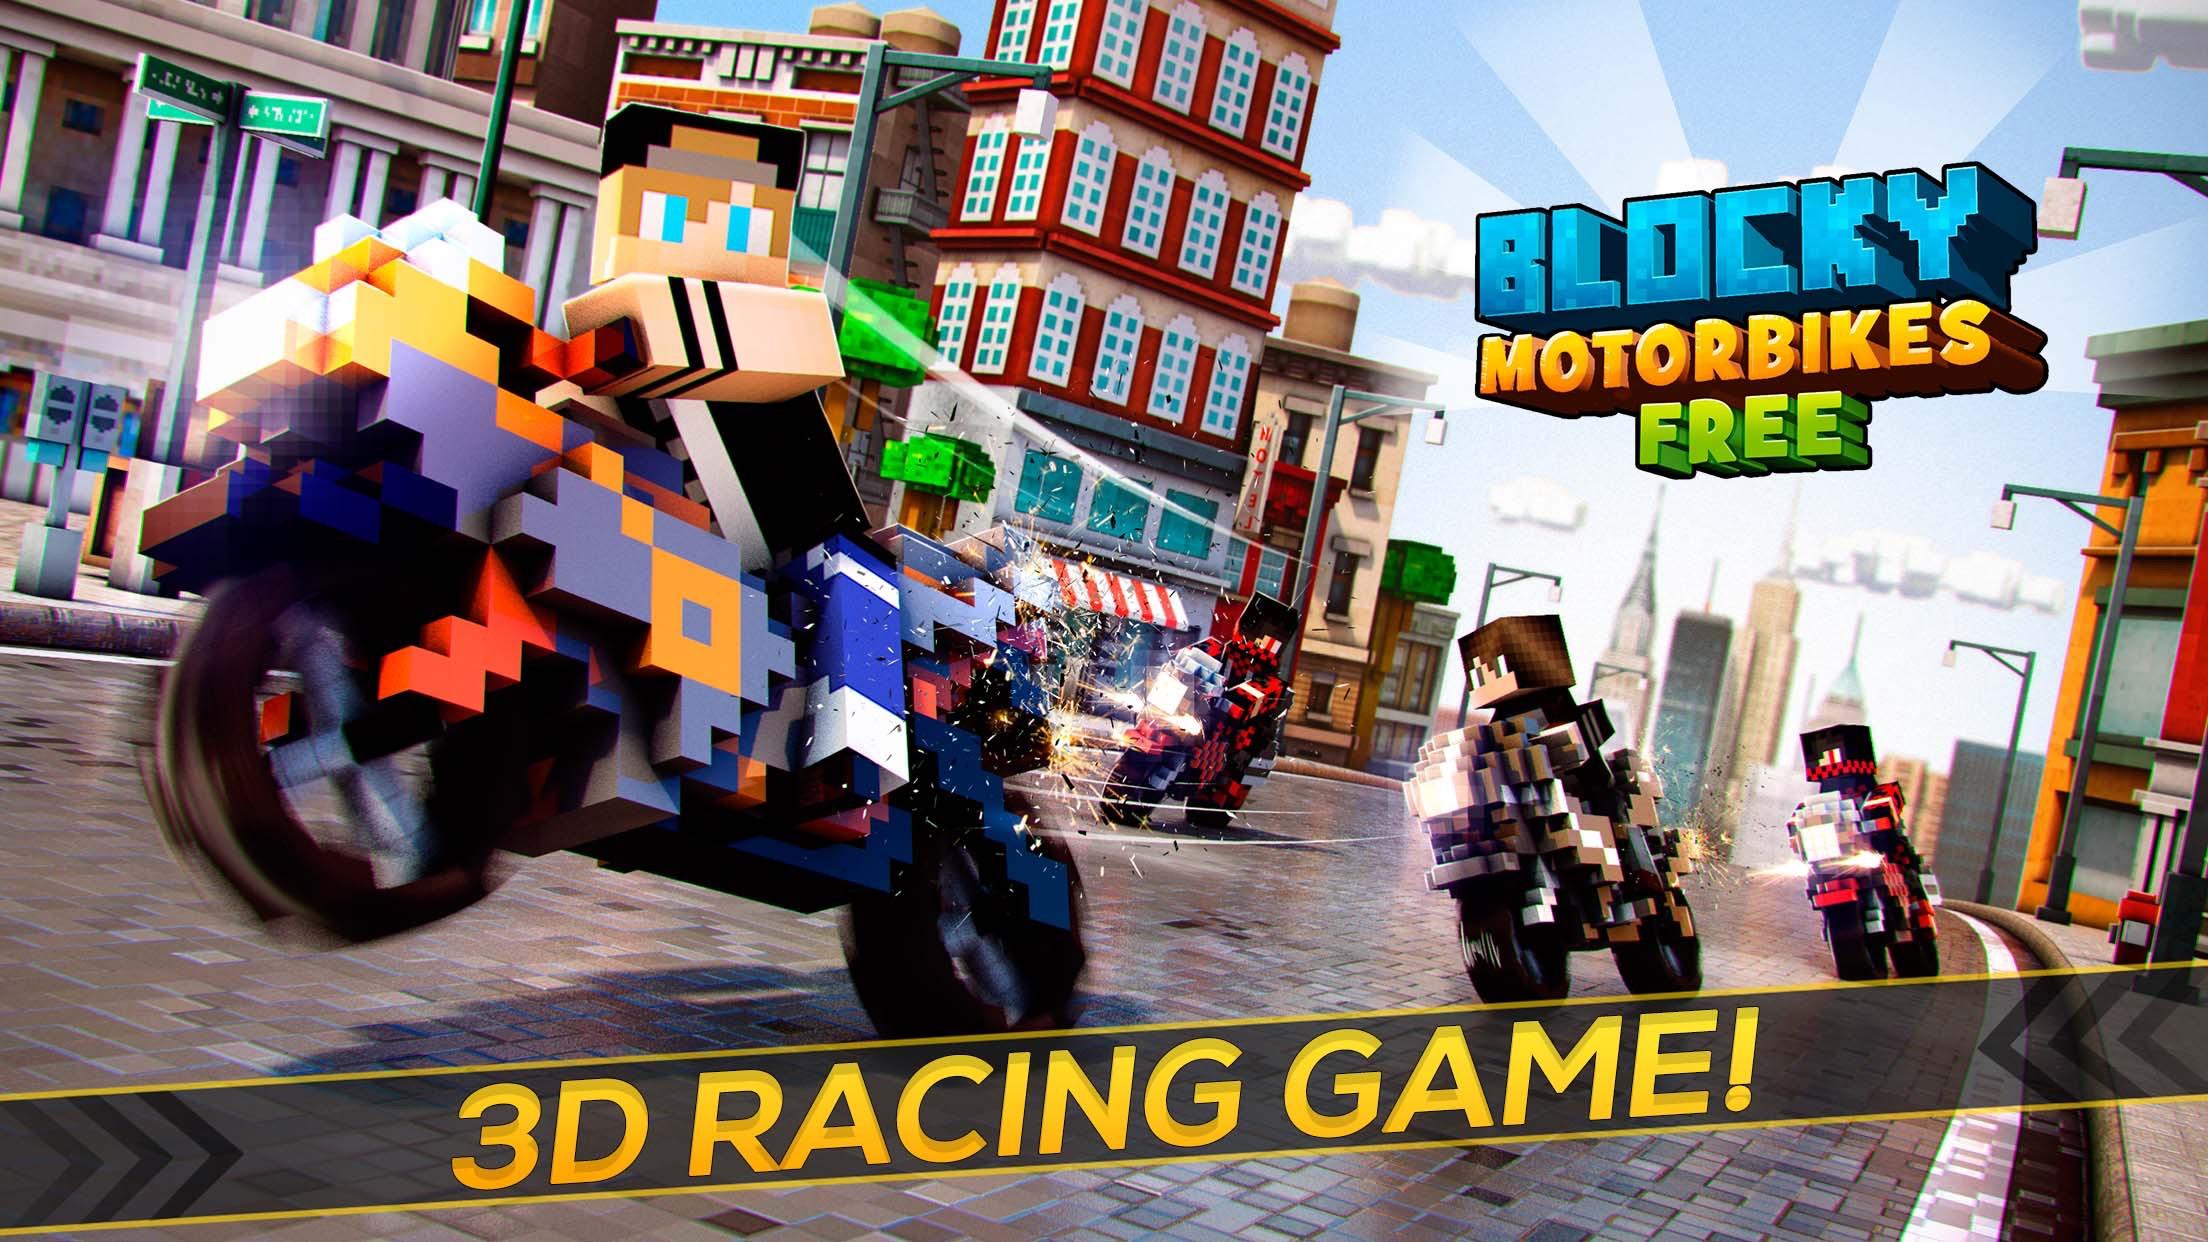 Blocky Motorbikes . Crazy GP Motorbike Racing Game Screenshot